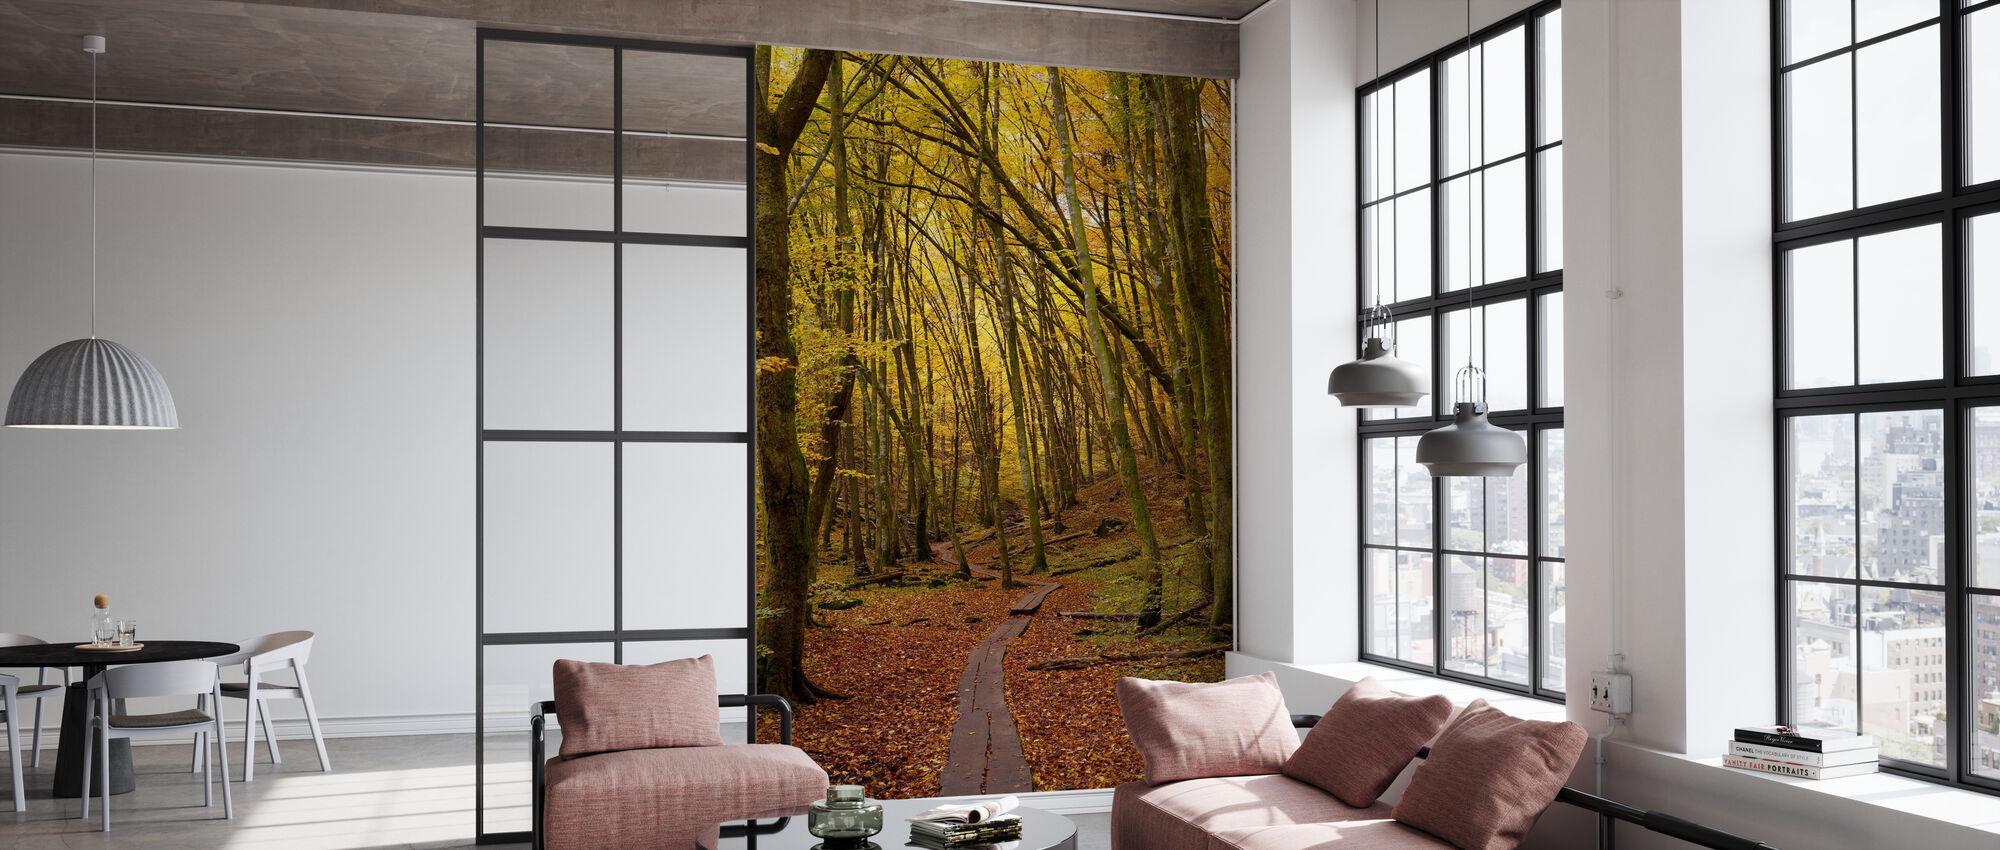 Path through Beech Wood - Wallpaper - Office